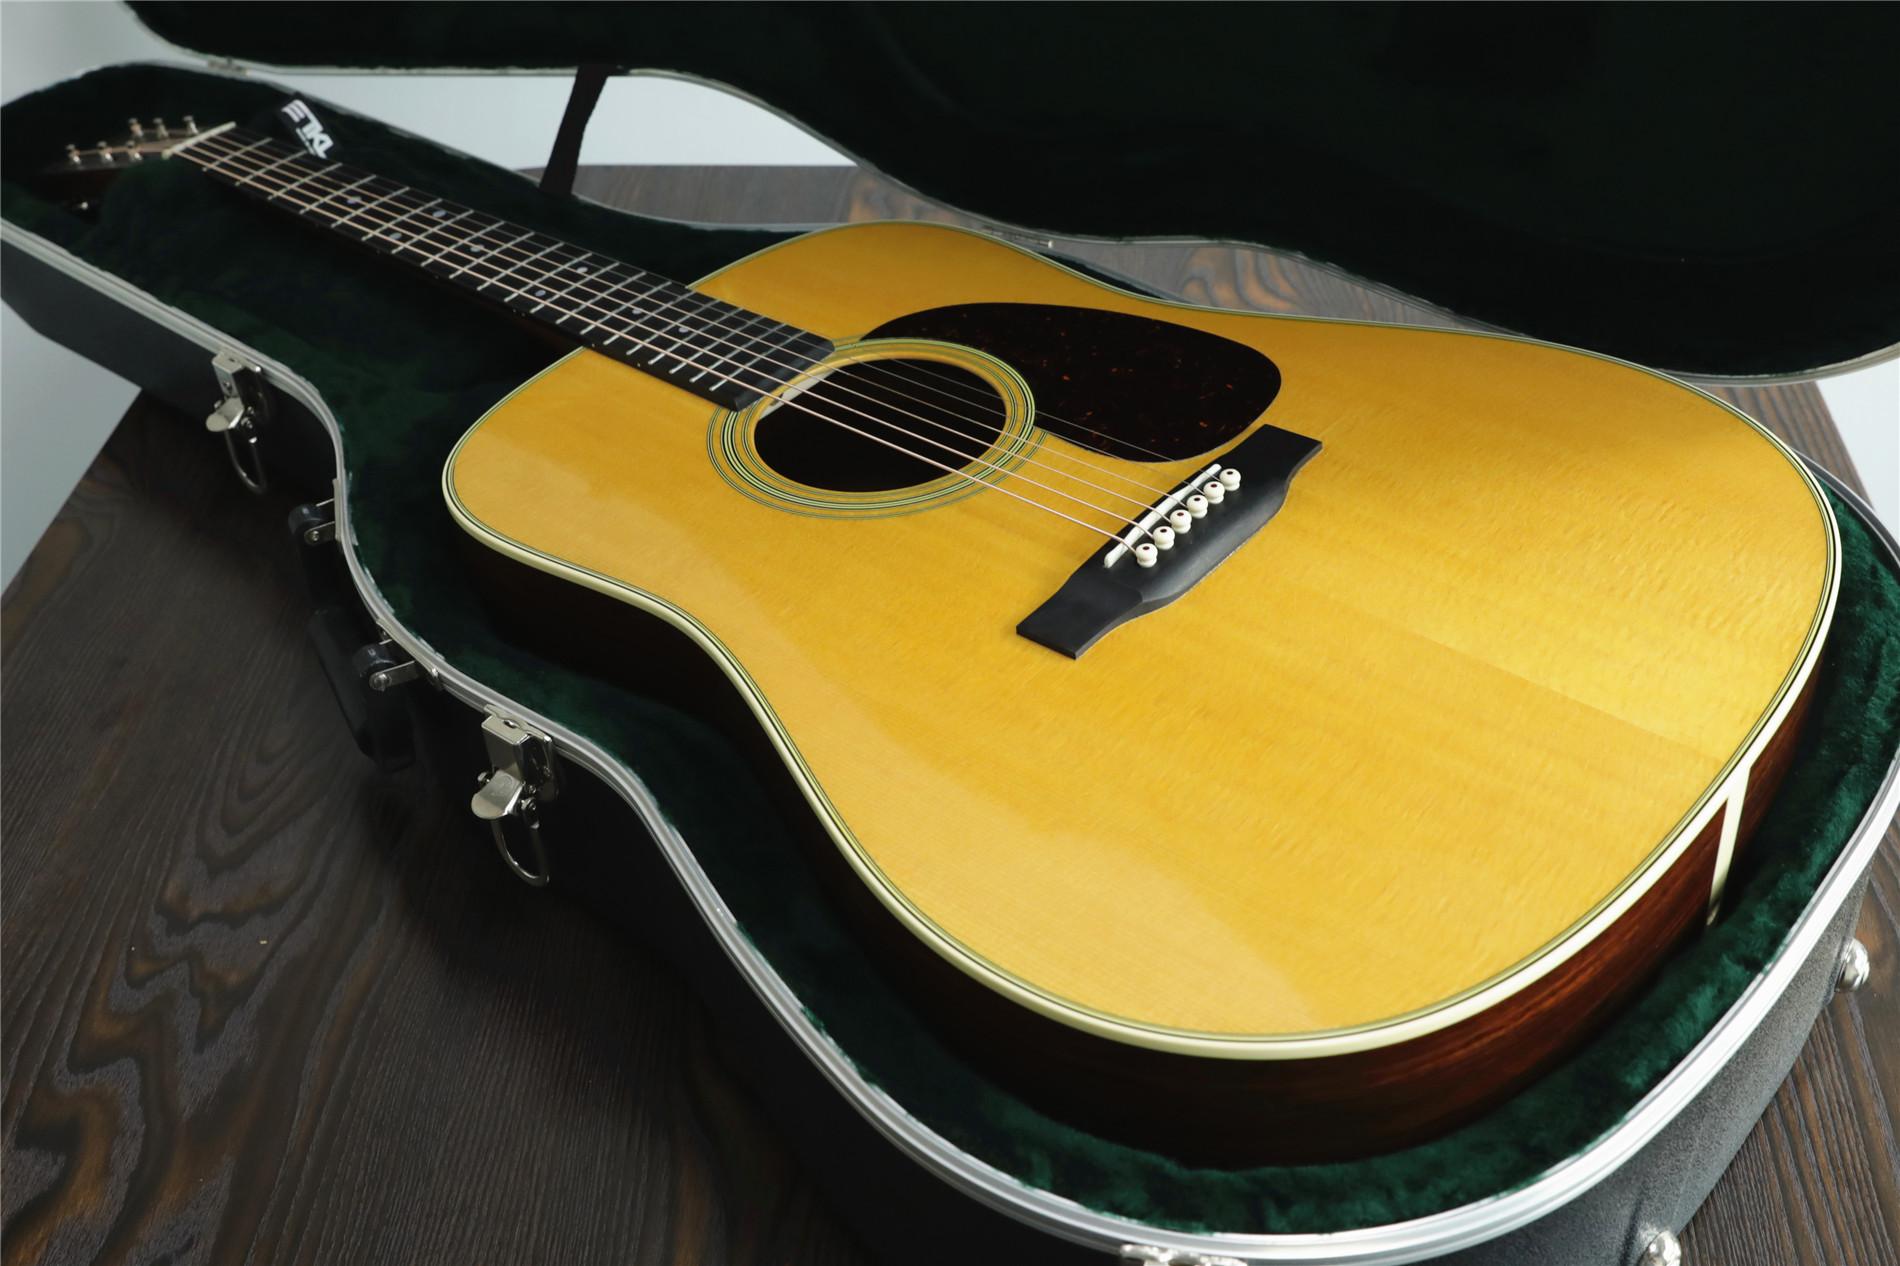 95新 Martin D28 2017 市场价20800 折后价12479 | 二手琴寄卖